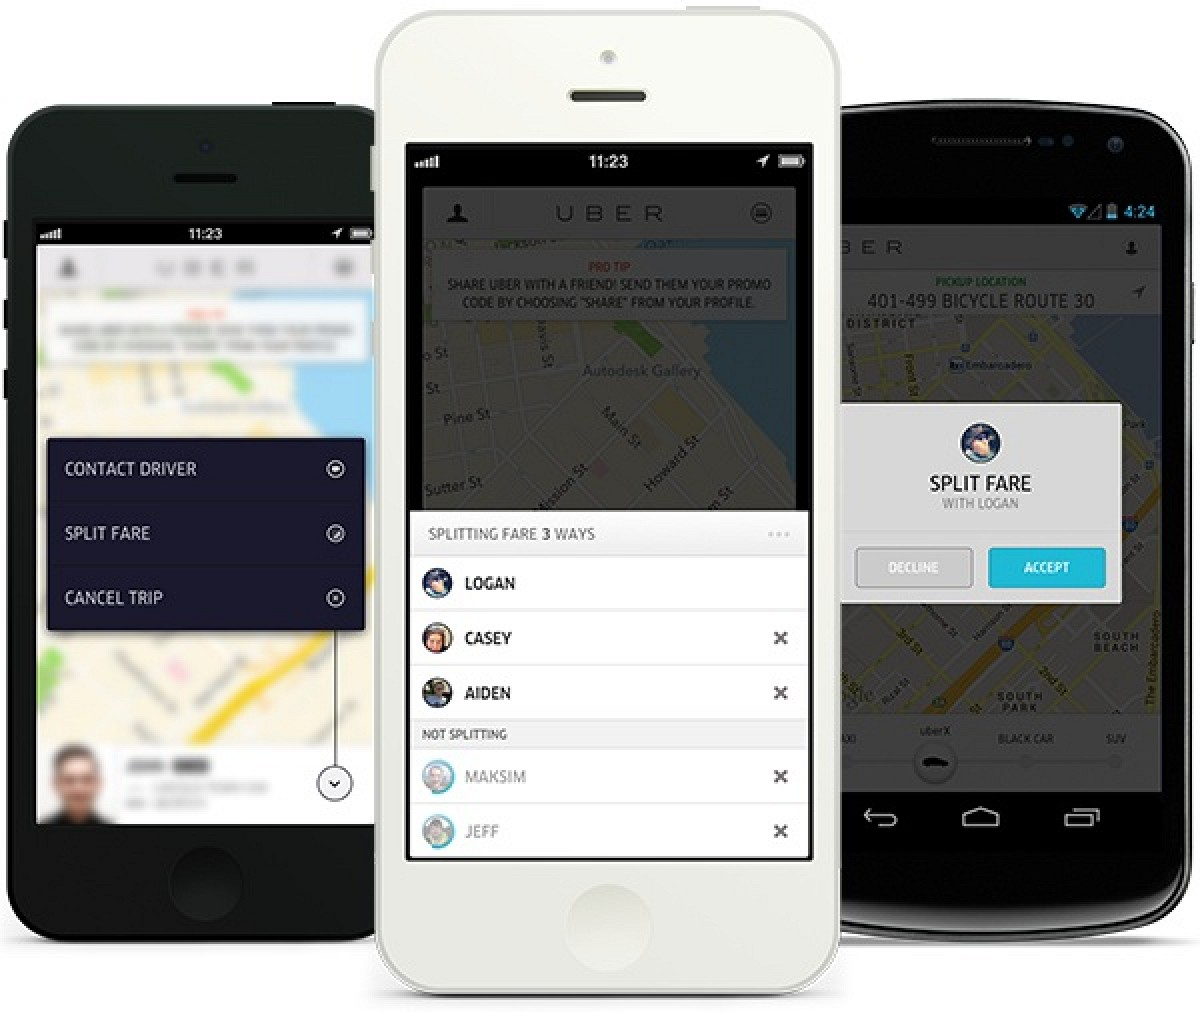 uber_fare_split.jpg (1200×1012)